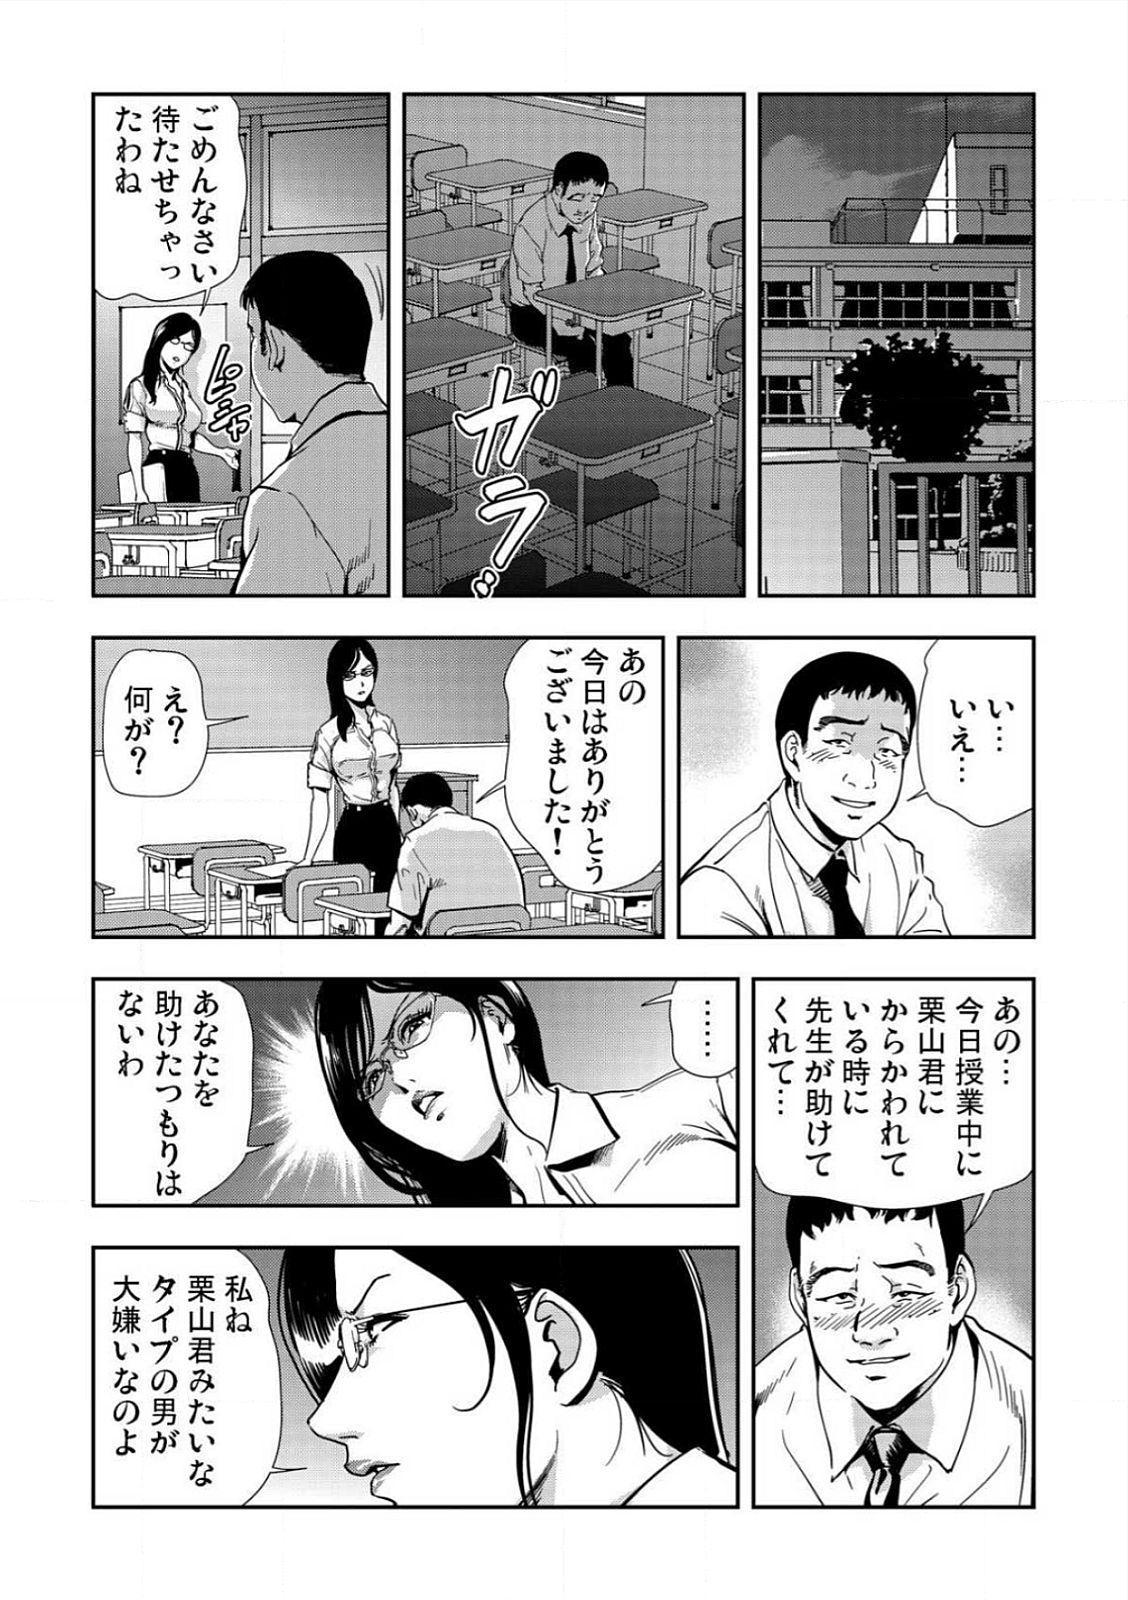 [Misaki Yukihiro] Kyousei Shidou ~Mechakucha ni Kegasarete~ (1)~(6) [Digital] 6